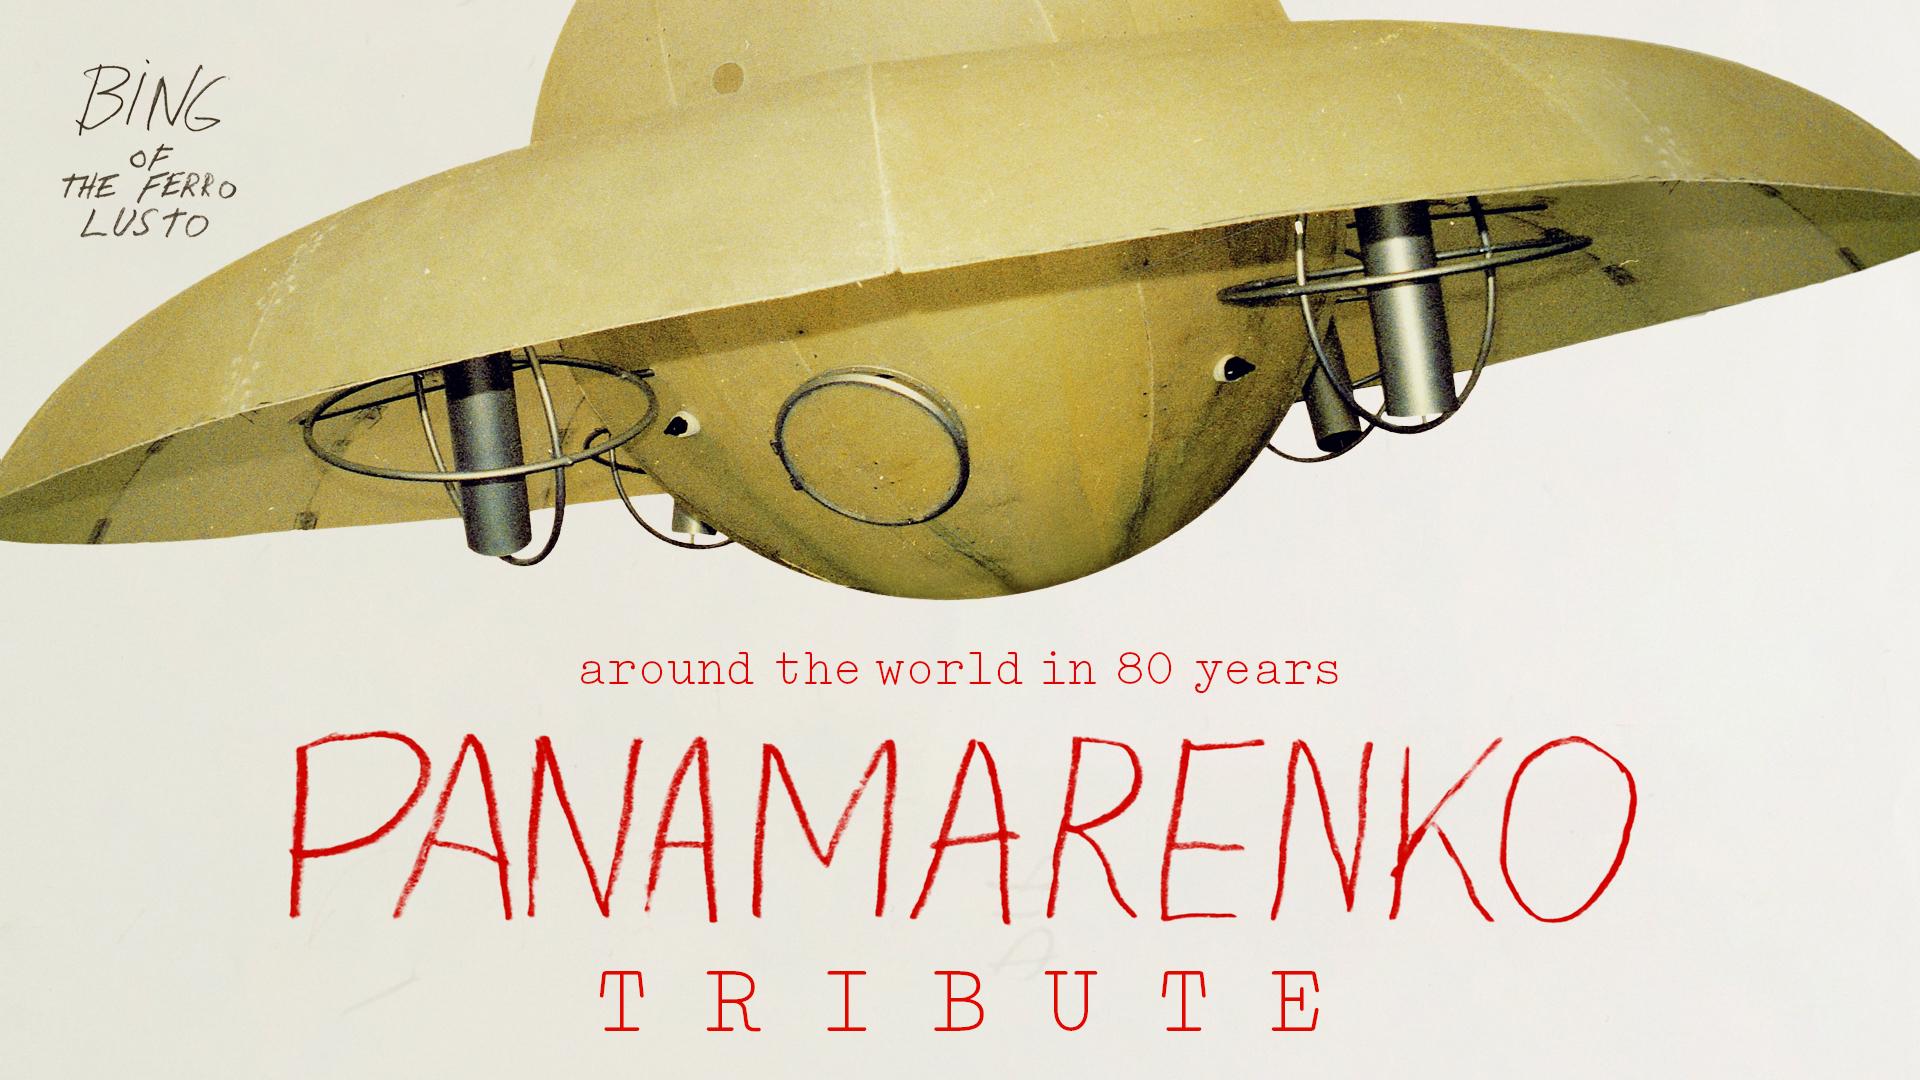 Panamarenko Tribute